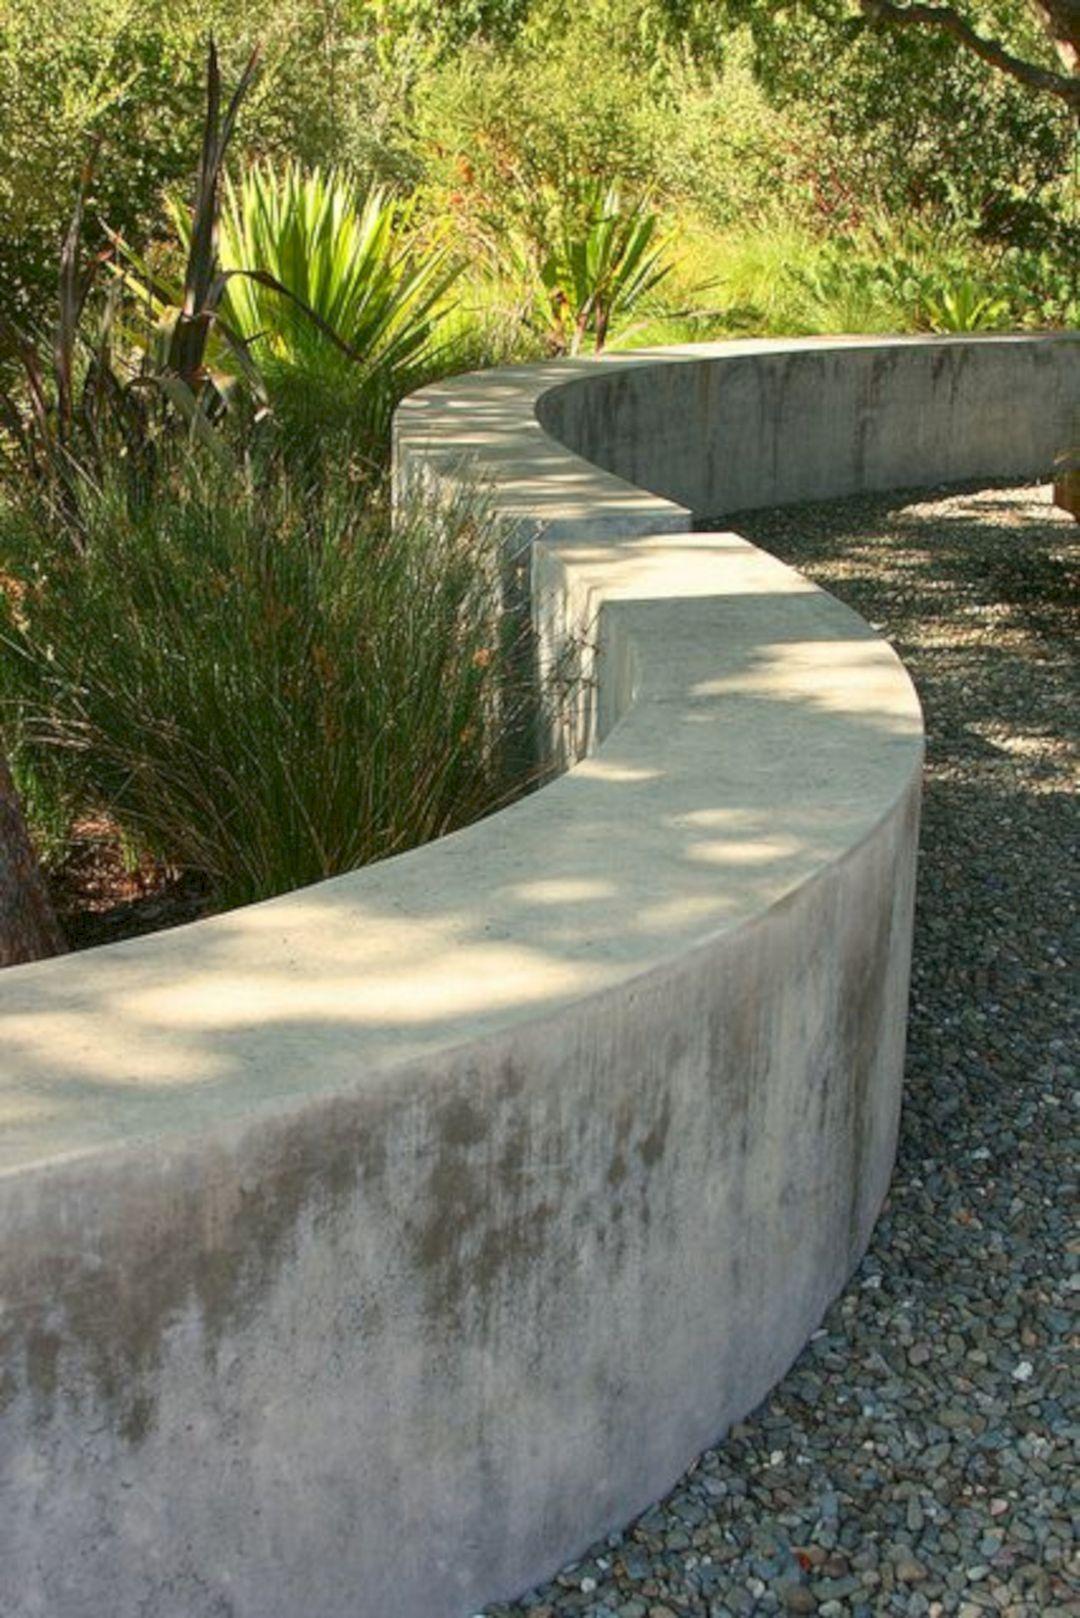 Concrete Sack Retaining Wall Garden Concrete Garden Garden Retaining Wall Concrete Retaining Walls